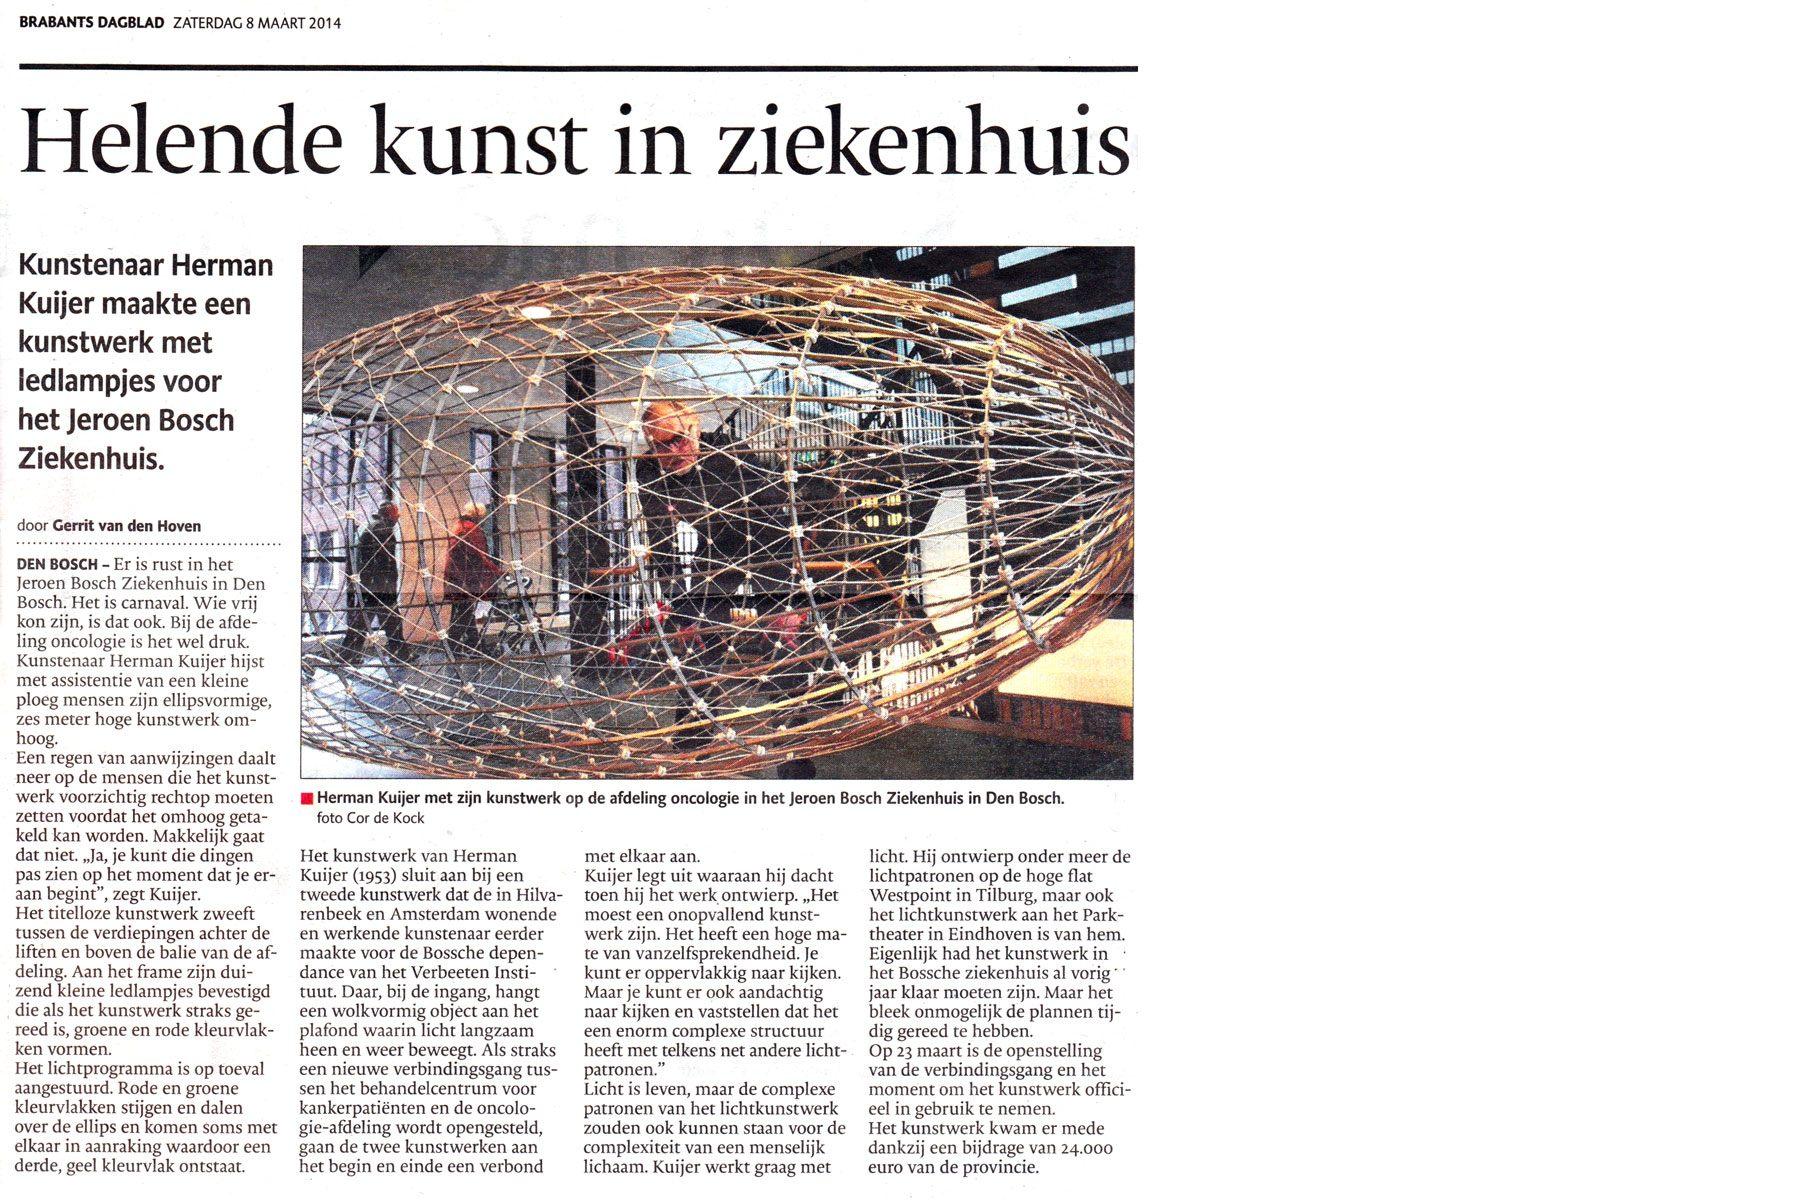 Helende kunst in ziekenhuis - Brabants Dagblad